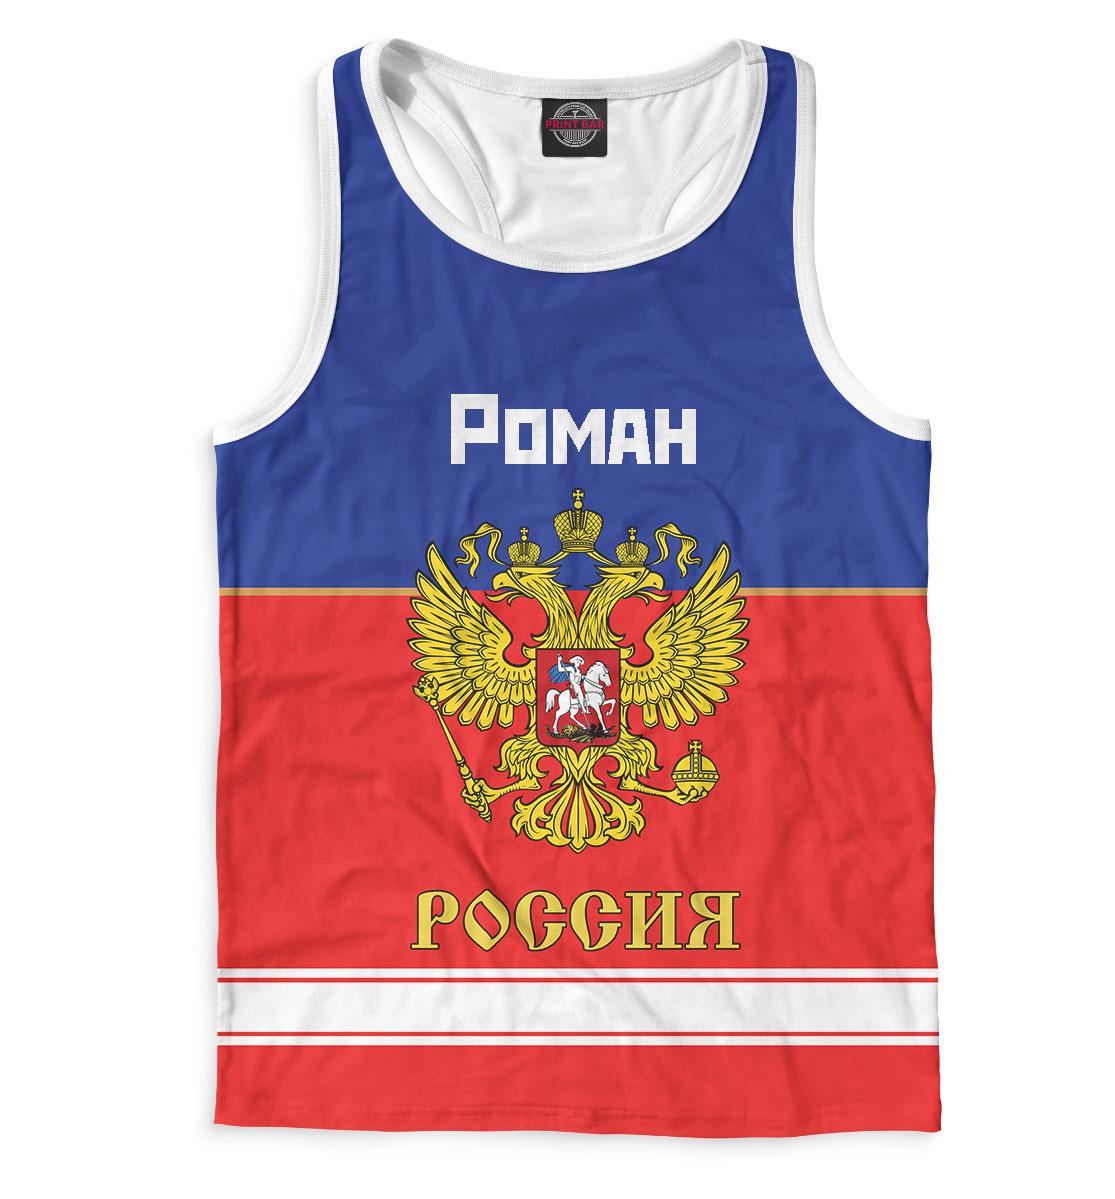 Купить Хоккеист Роман, Printbar, Майки борцовки, ROM-124119-mayb-2